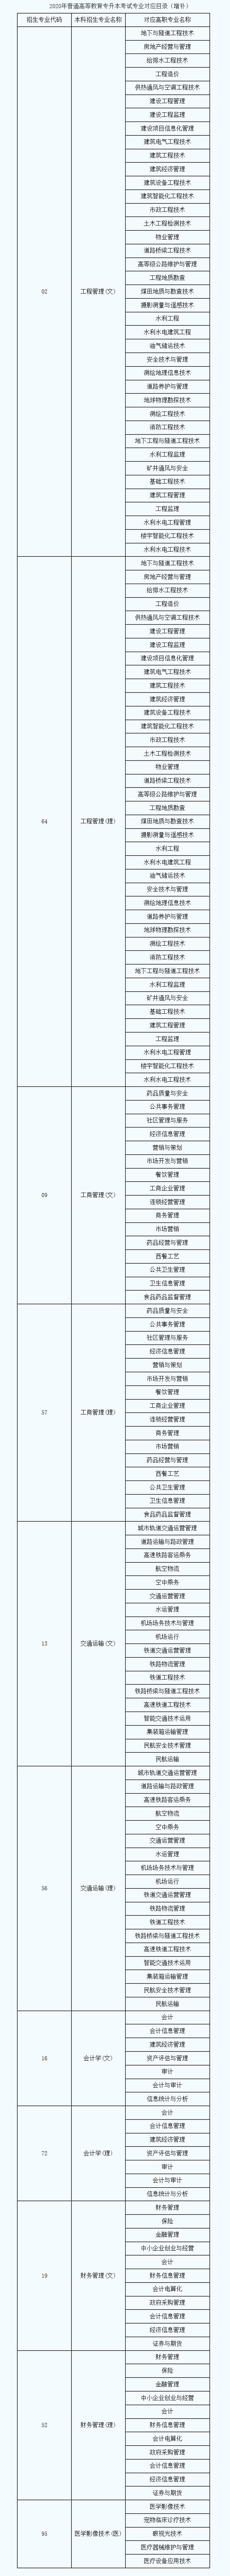 2020陕西专升本对应专业